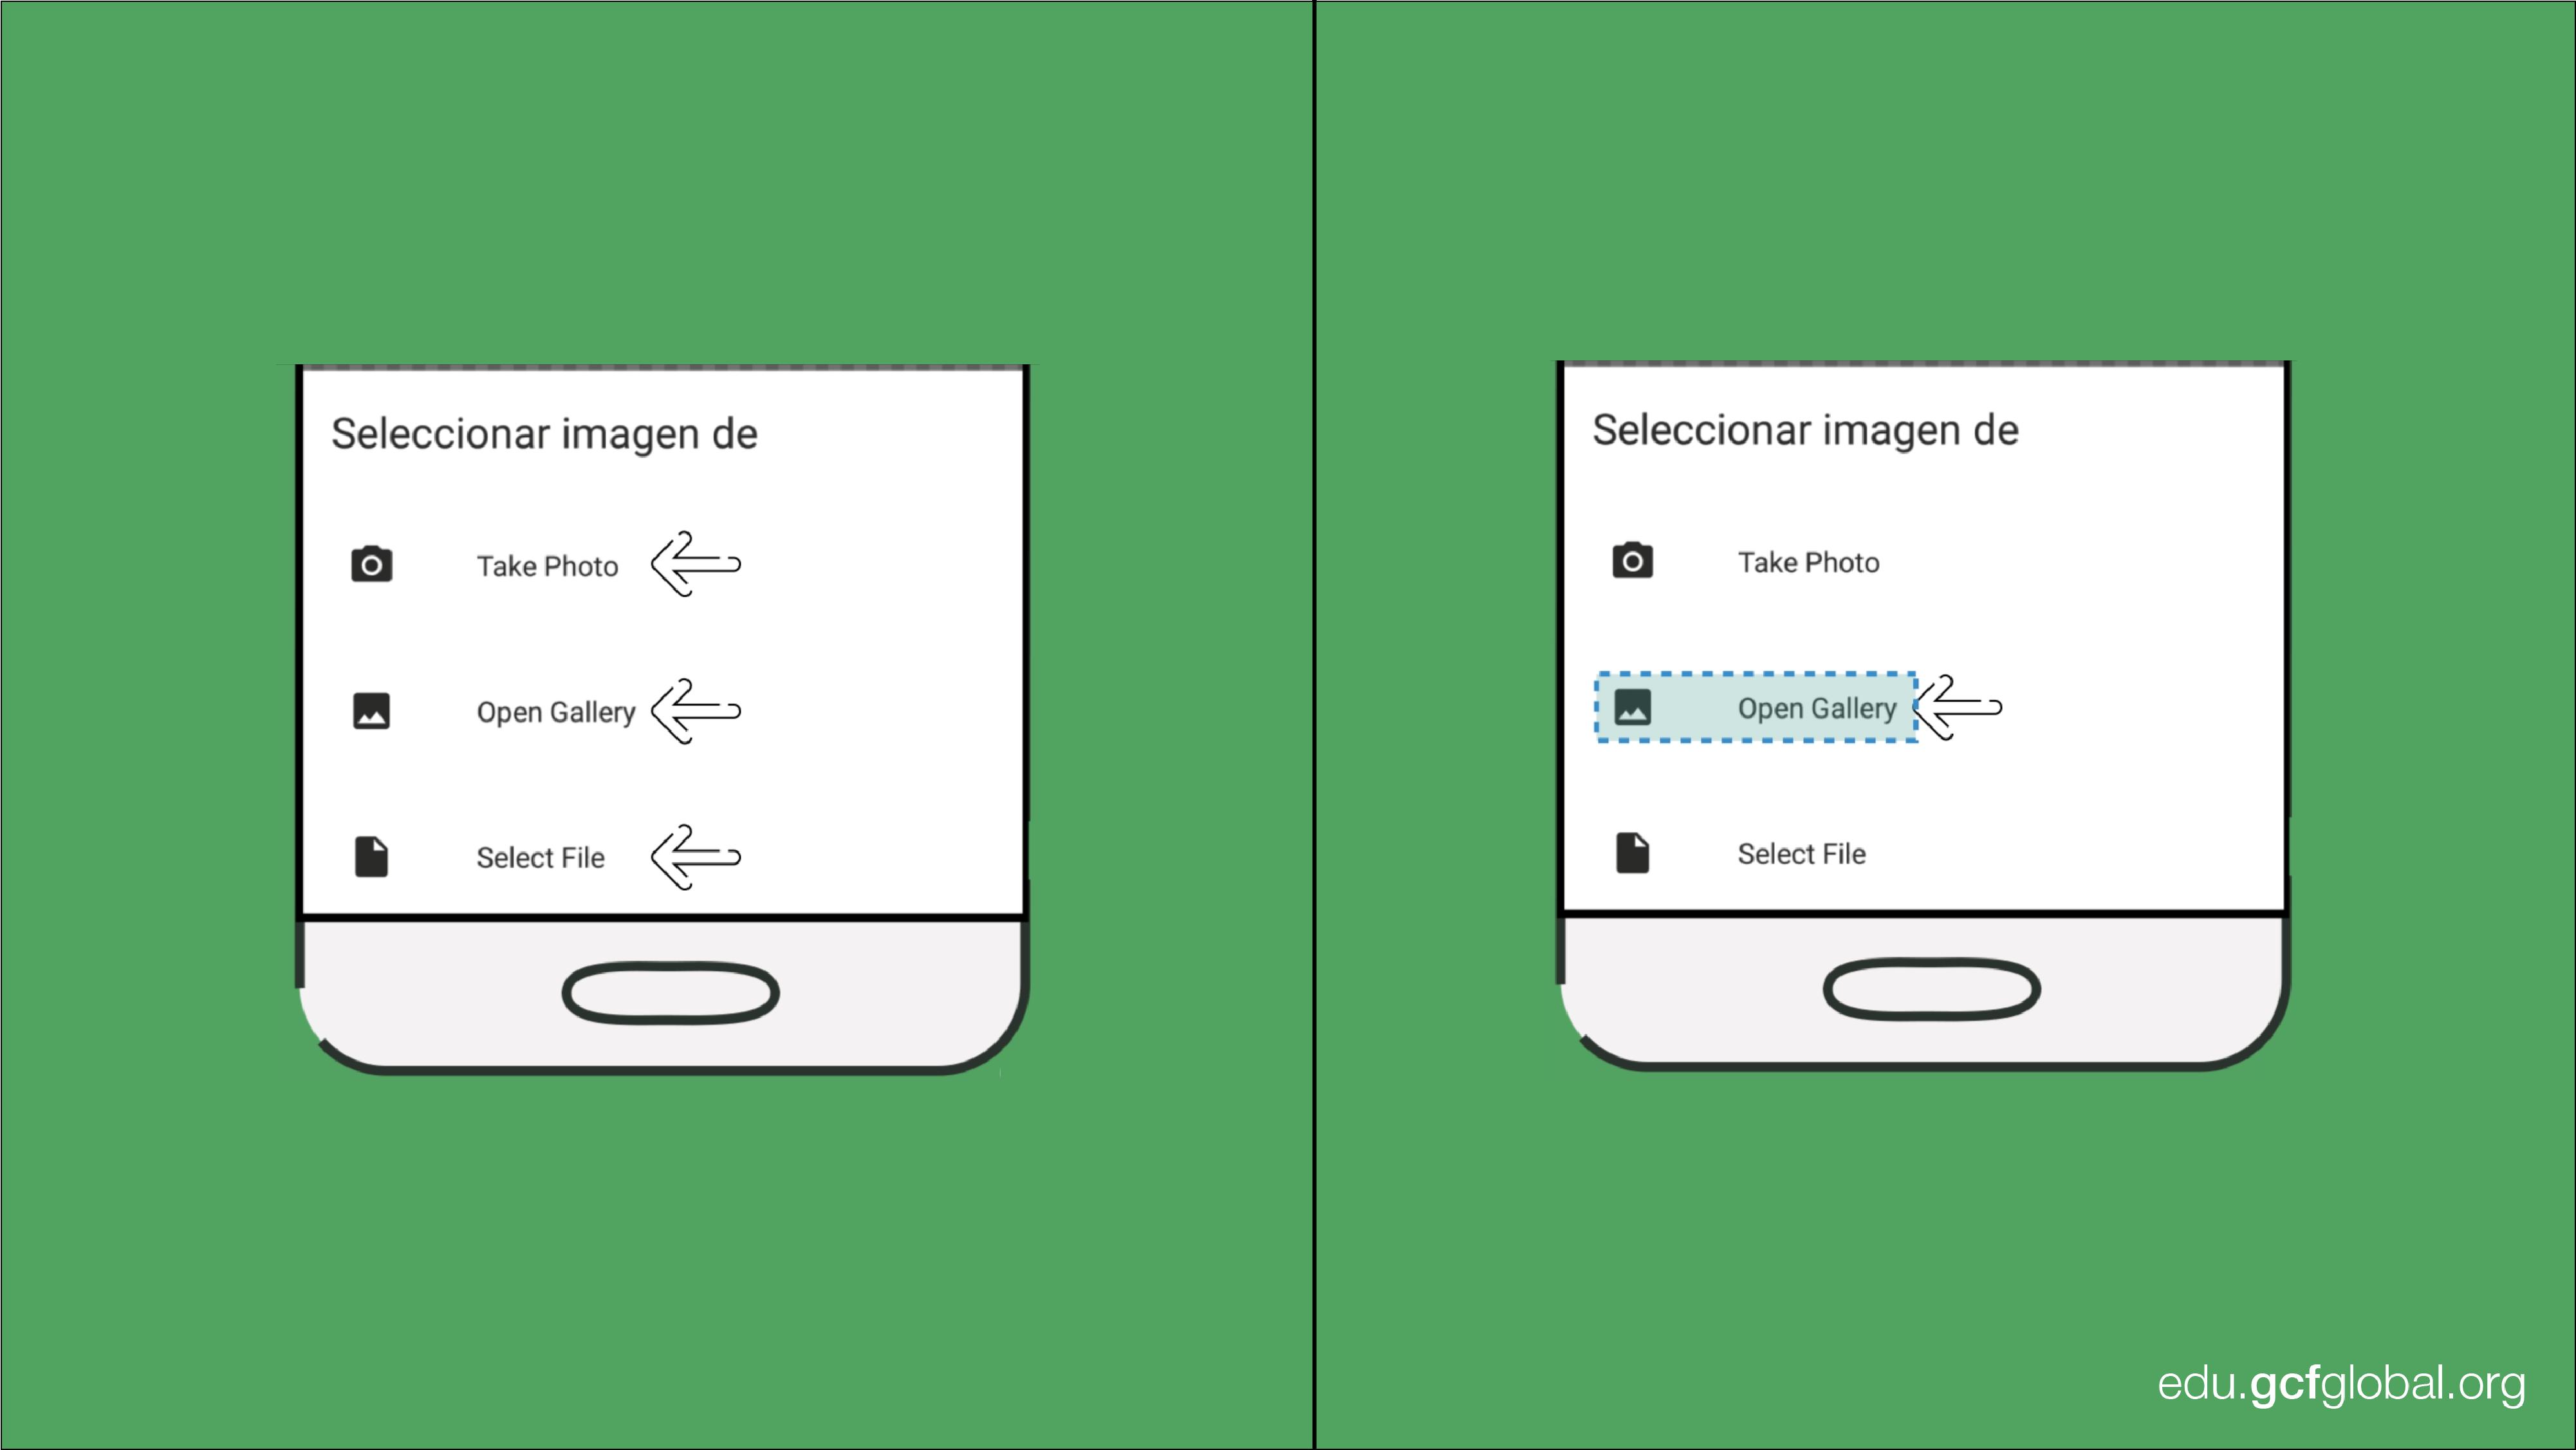 Imagen de la aplicación Sticker Maker con las opciones de adjuntar imágenes para crear los stickers.